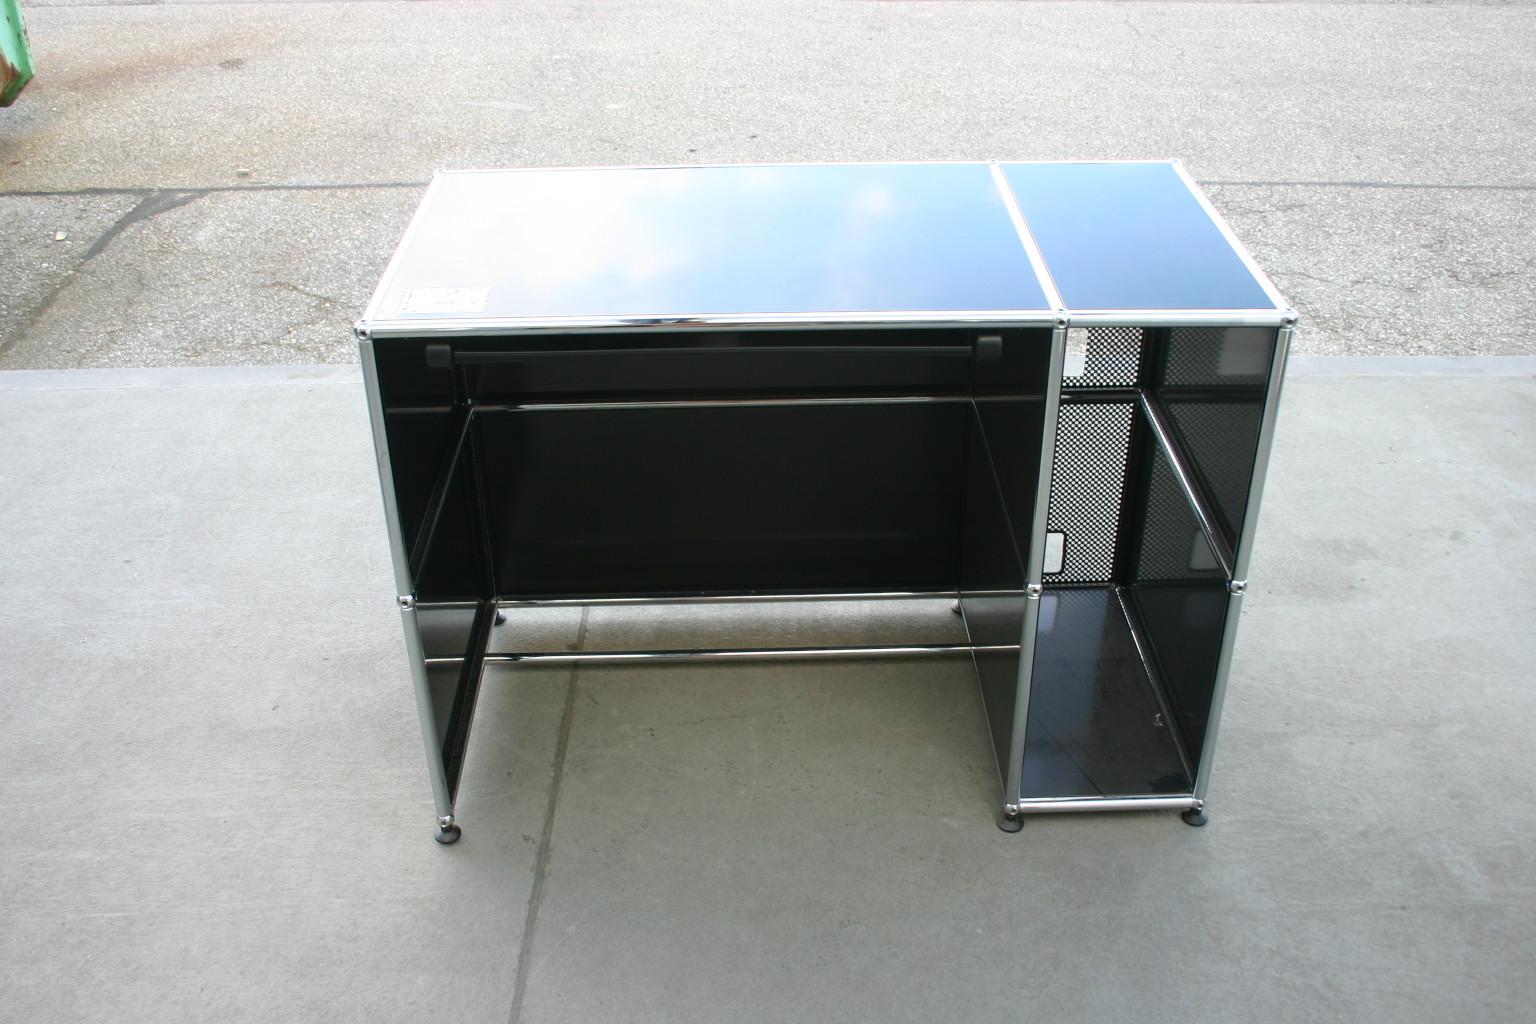 computertisch in schwarz blau von usm haller usm. Black Bedroom Furniture Sets. Home Design Ideas